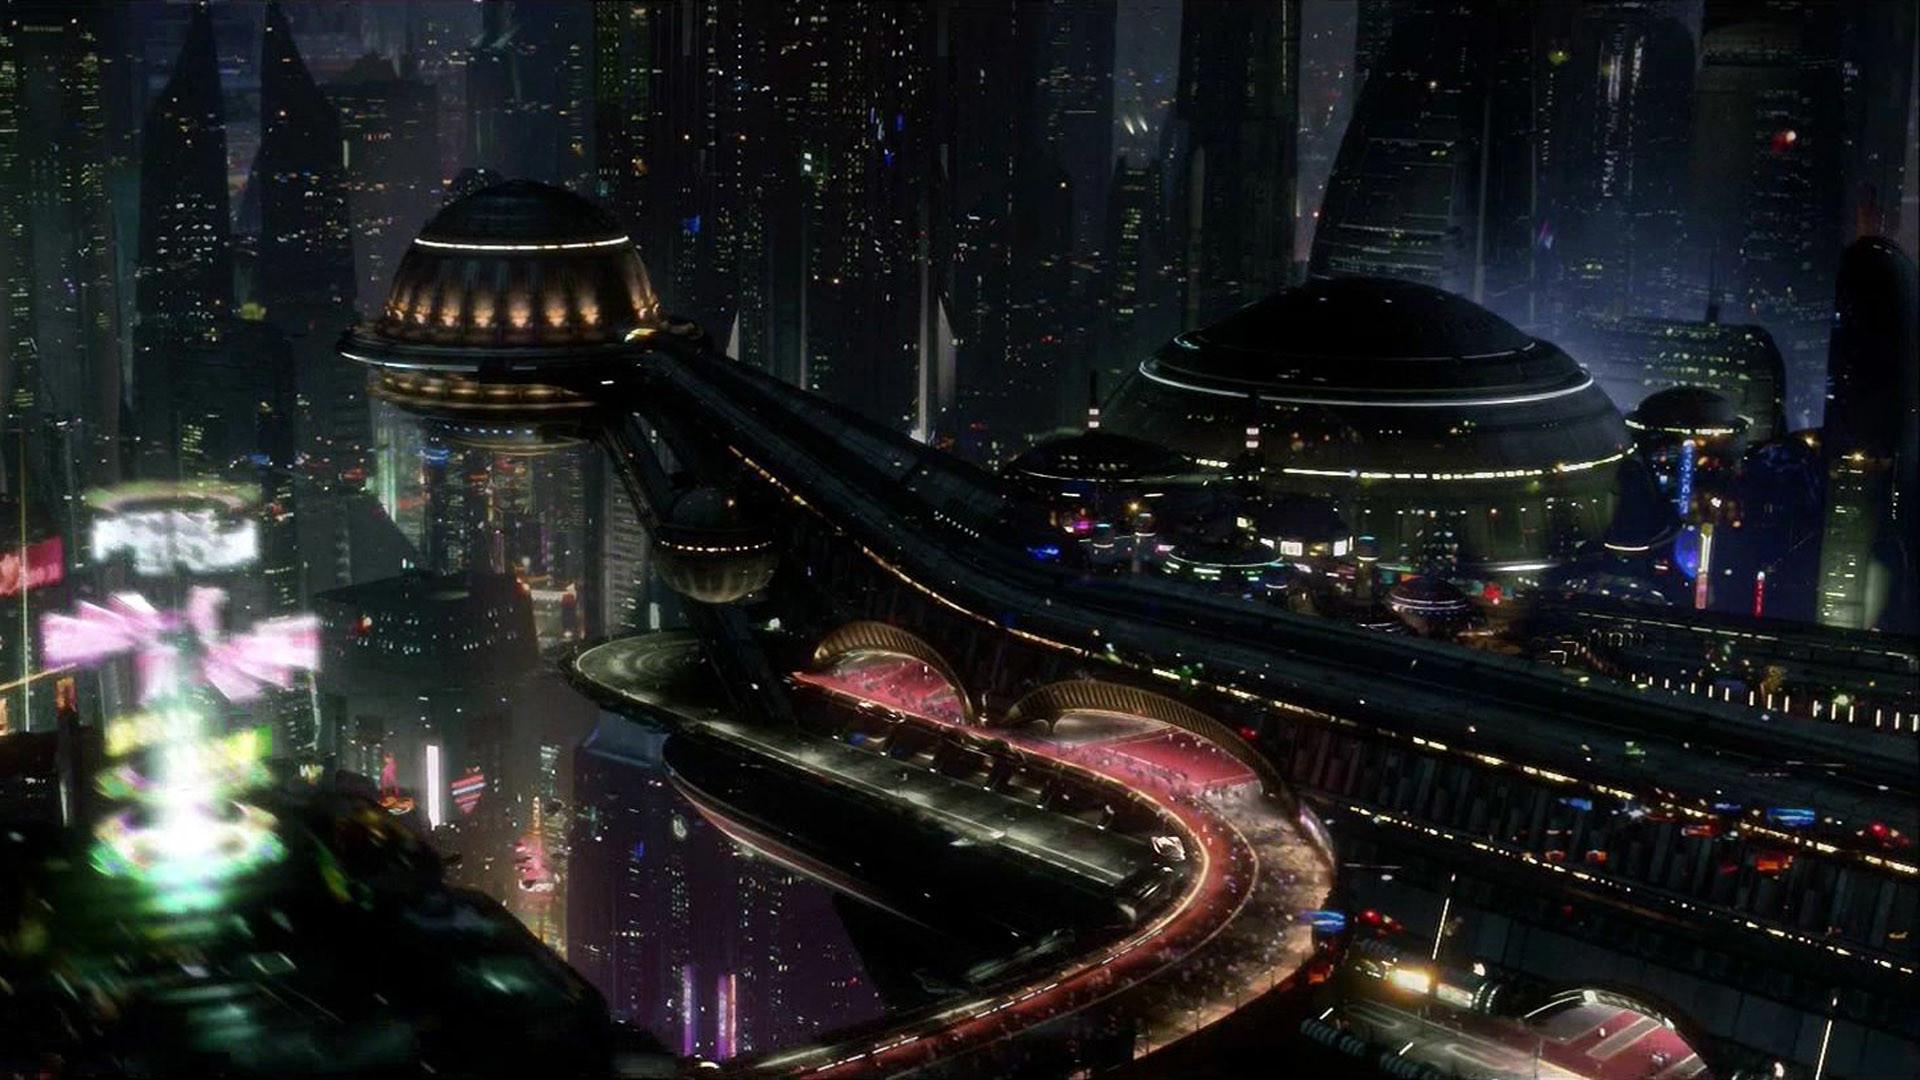 Futuristic City Wallpaper 22